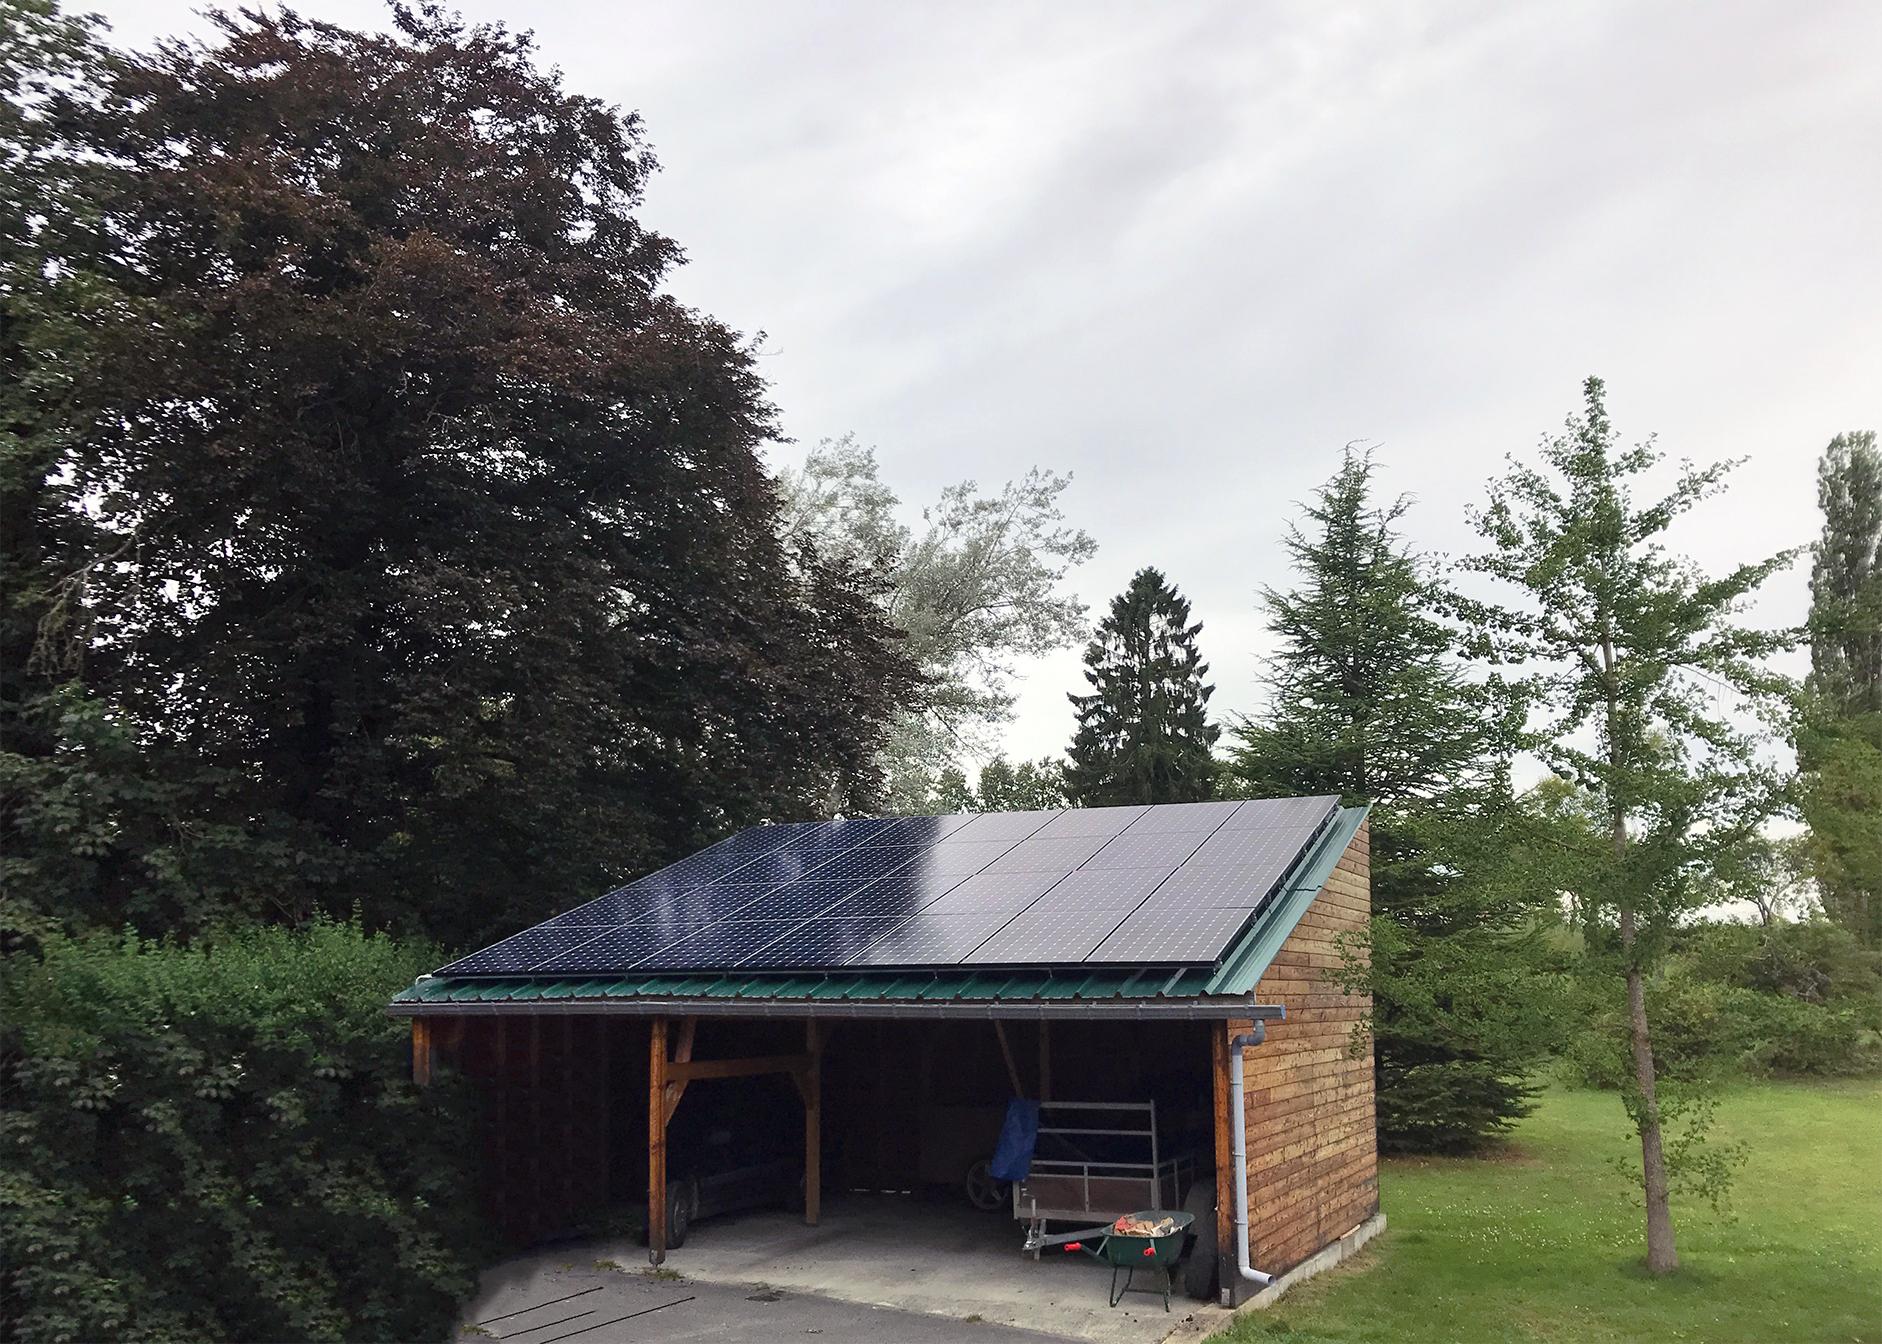 Installation panneaux photovoltaïques Sunpower EnergreenInstallation panneaux photovoltaïques Sunpower Energreen